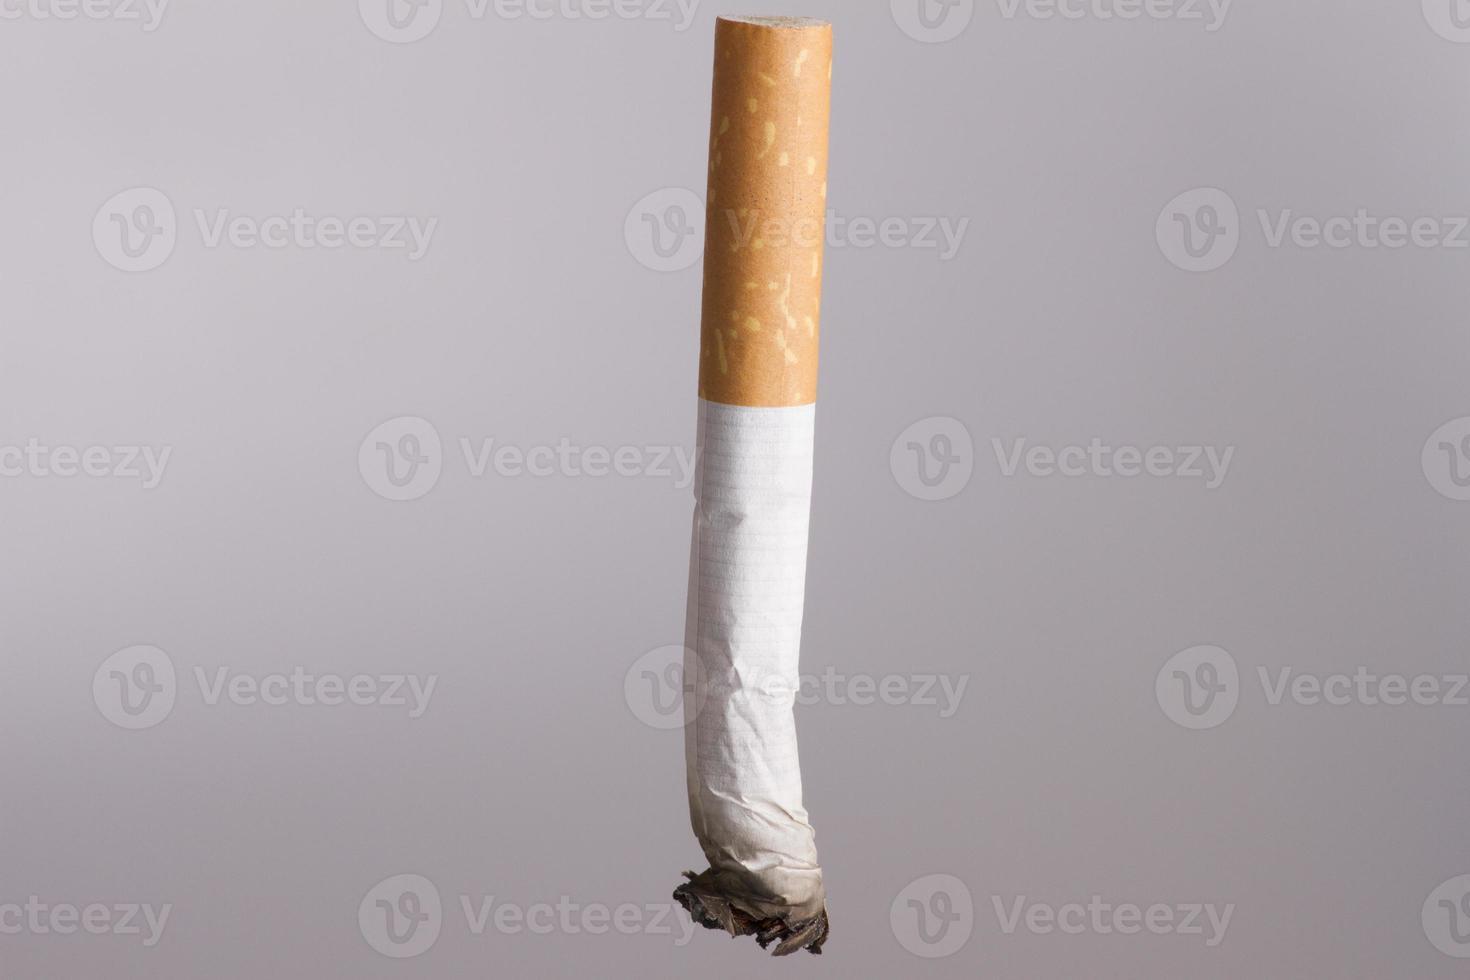 cigarrette photo